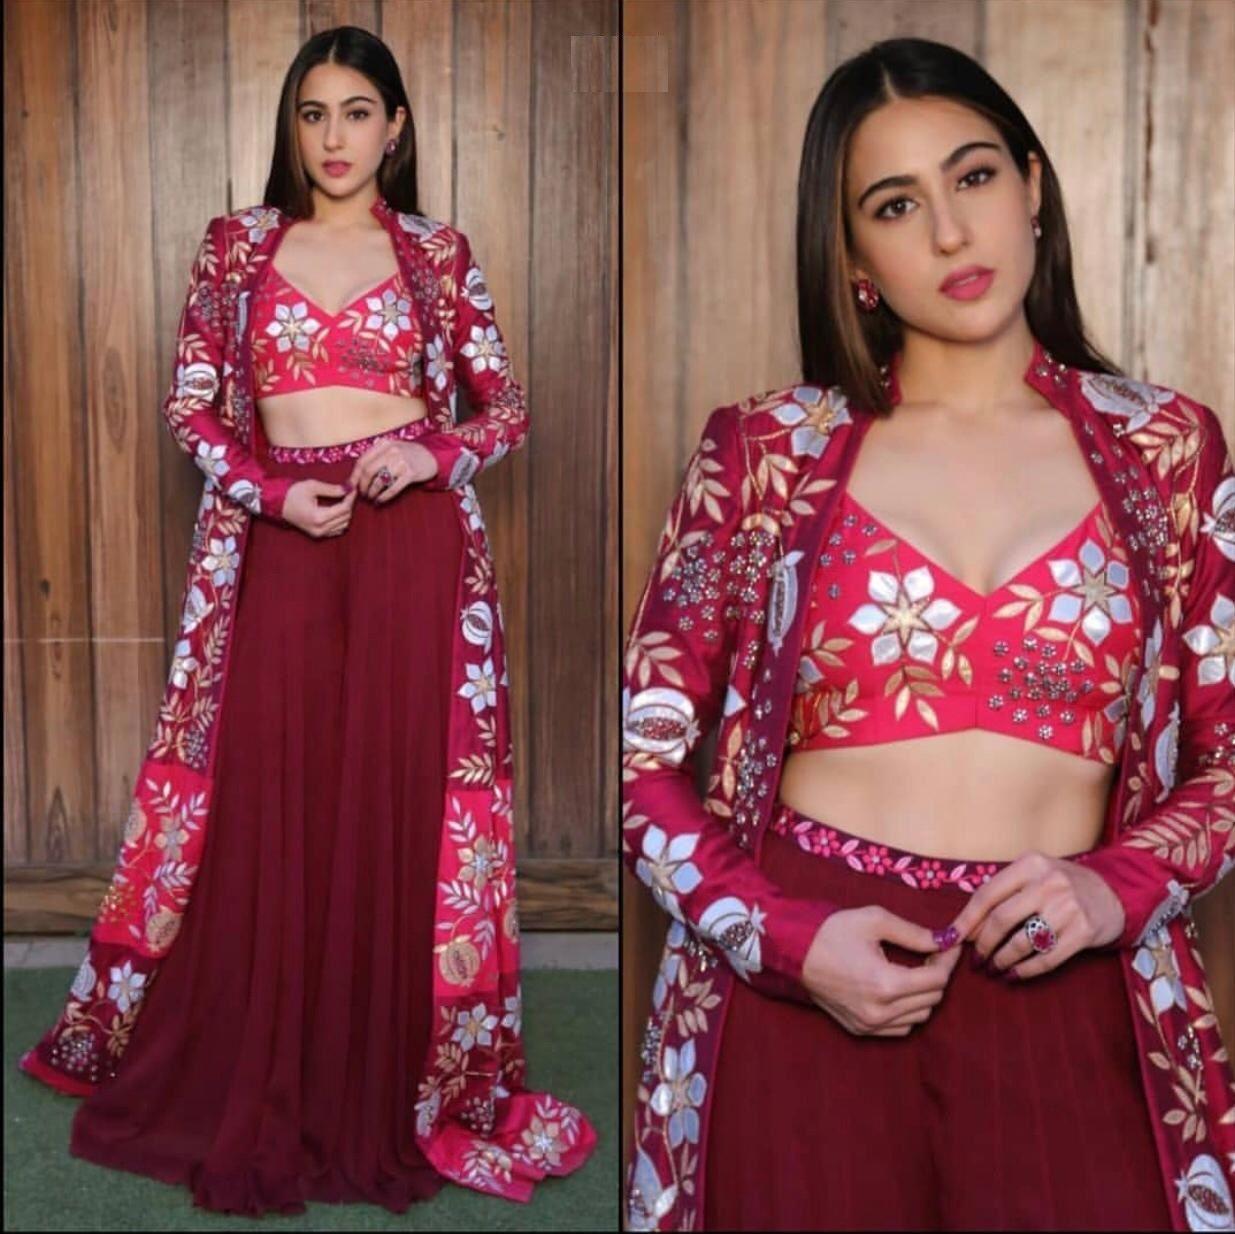 Get this beautiful sara Ali Khan outfit at ur doorstep 😍😍 📱Book Your Order Now 📞 +919924015380 📱Book Your Order Now 📞 +919924015380 #kurti #kurtimurah #kurticantik #kurtis #kurtiindia #kurties #kurtidress #kurtijubah #kurticrepe #kurtishaj #kurtimalaysia #kurtimurahmalaysia #kurticotton #kurtitop #kurtiblouse #fashion #kurtionline #blousemurah #latestkurtidesigns #kurtislife #kurtilovers #kurtikurung #kurtilabuhmurah #latestkurtis #kurtiboutique